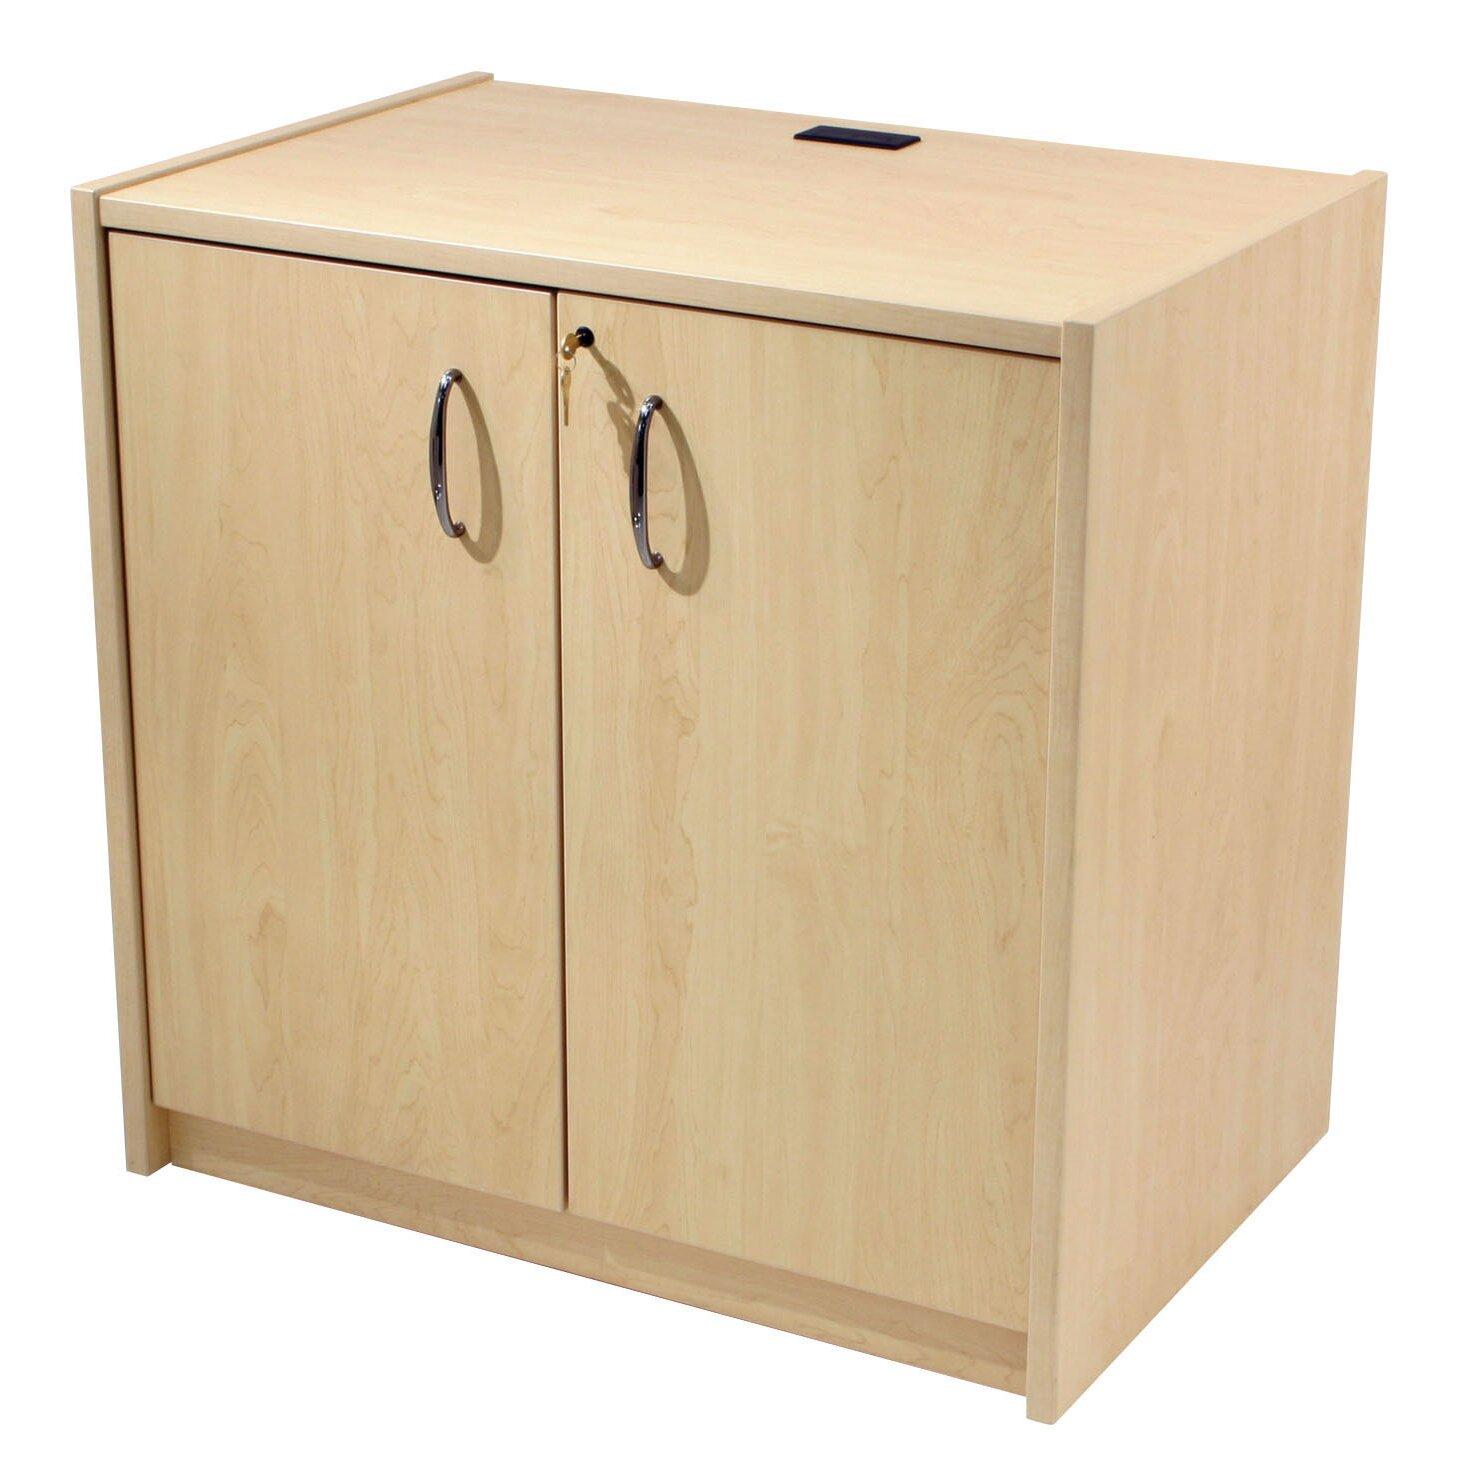 2 Door Storage Cabinet   Wayfair Supply